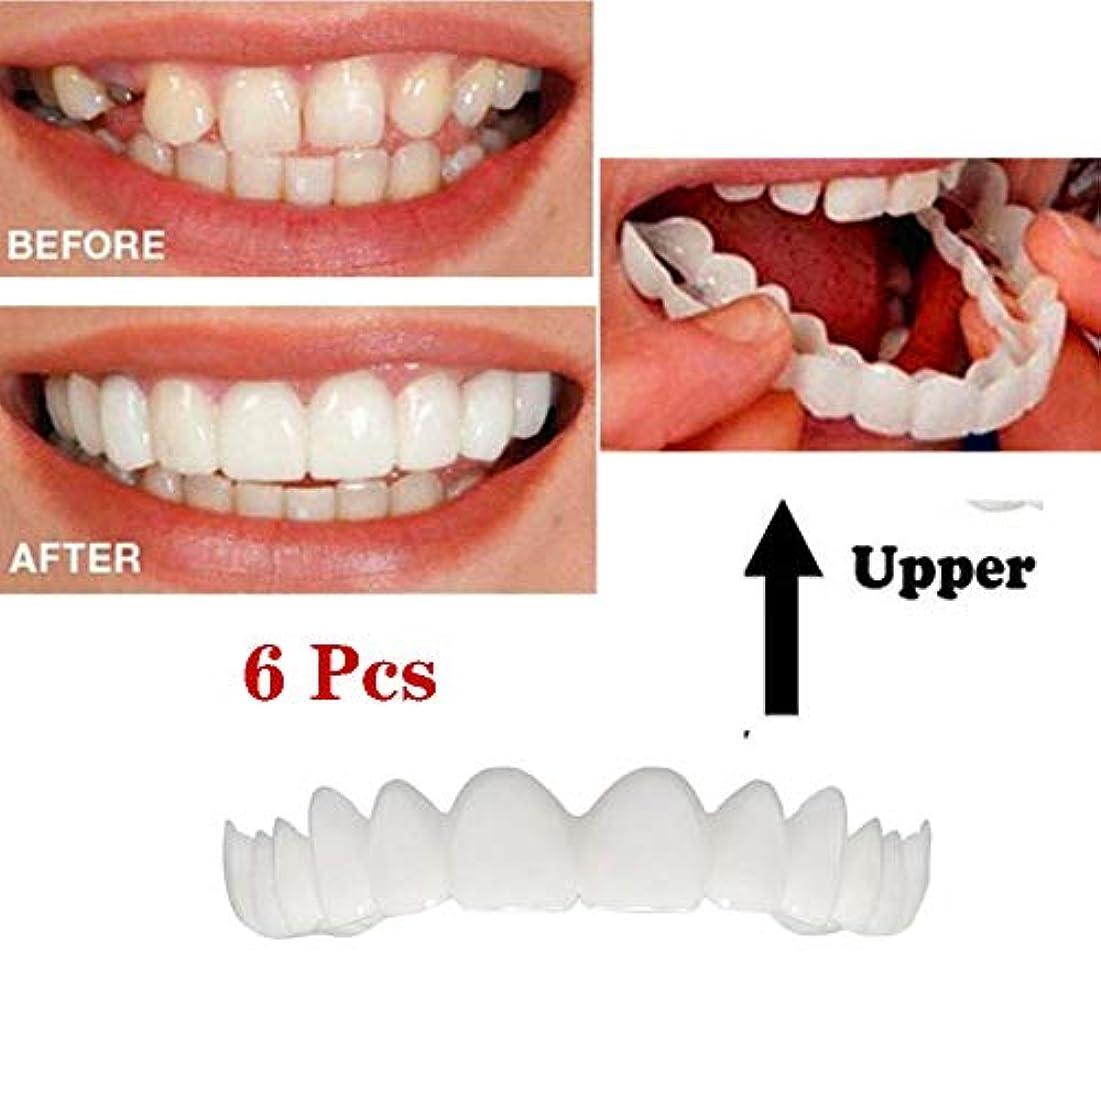 激しい遠えフラスコ義歯口腔ケア歯ホワイトニング義歯口腔ケアアッパーブレース一時的な化粧品歯義歯 - 6本